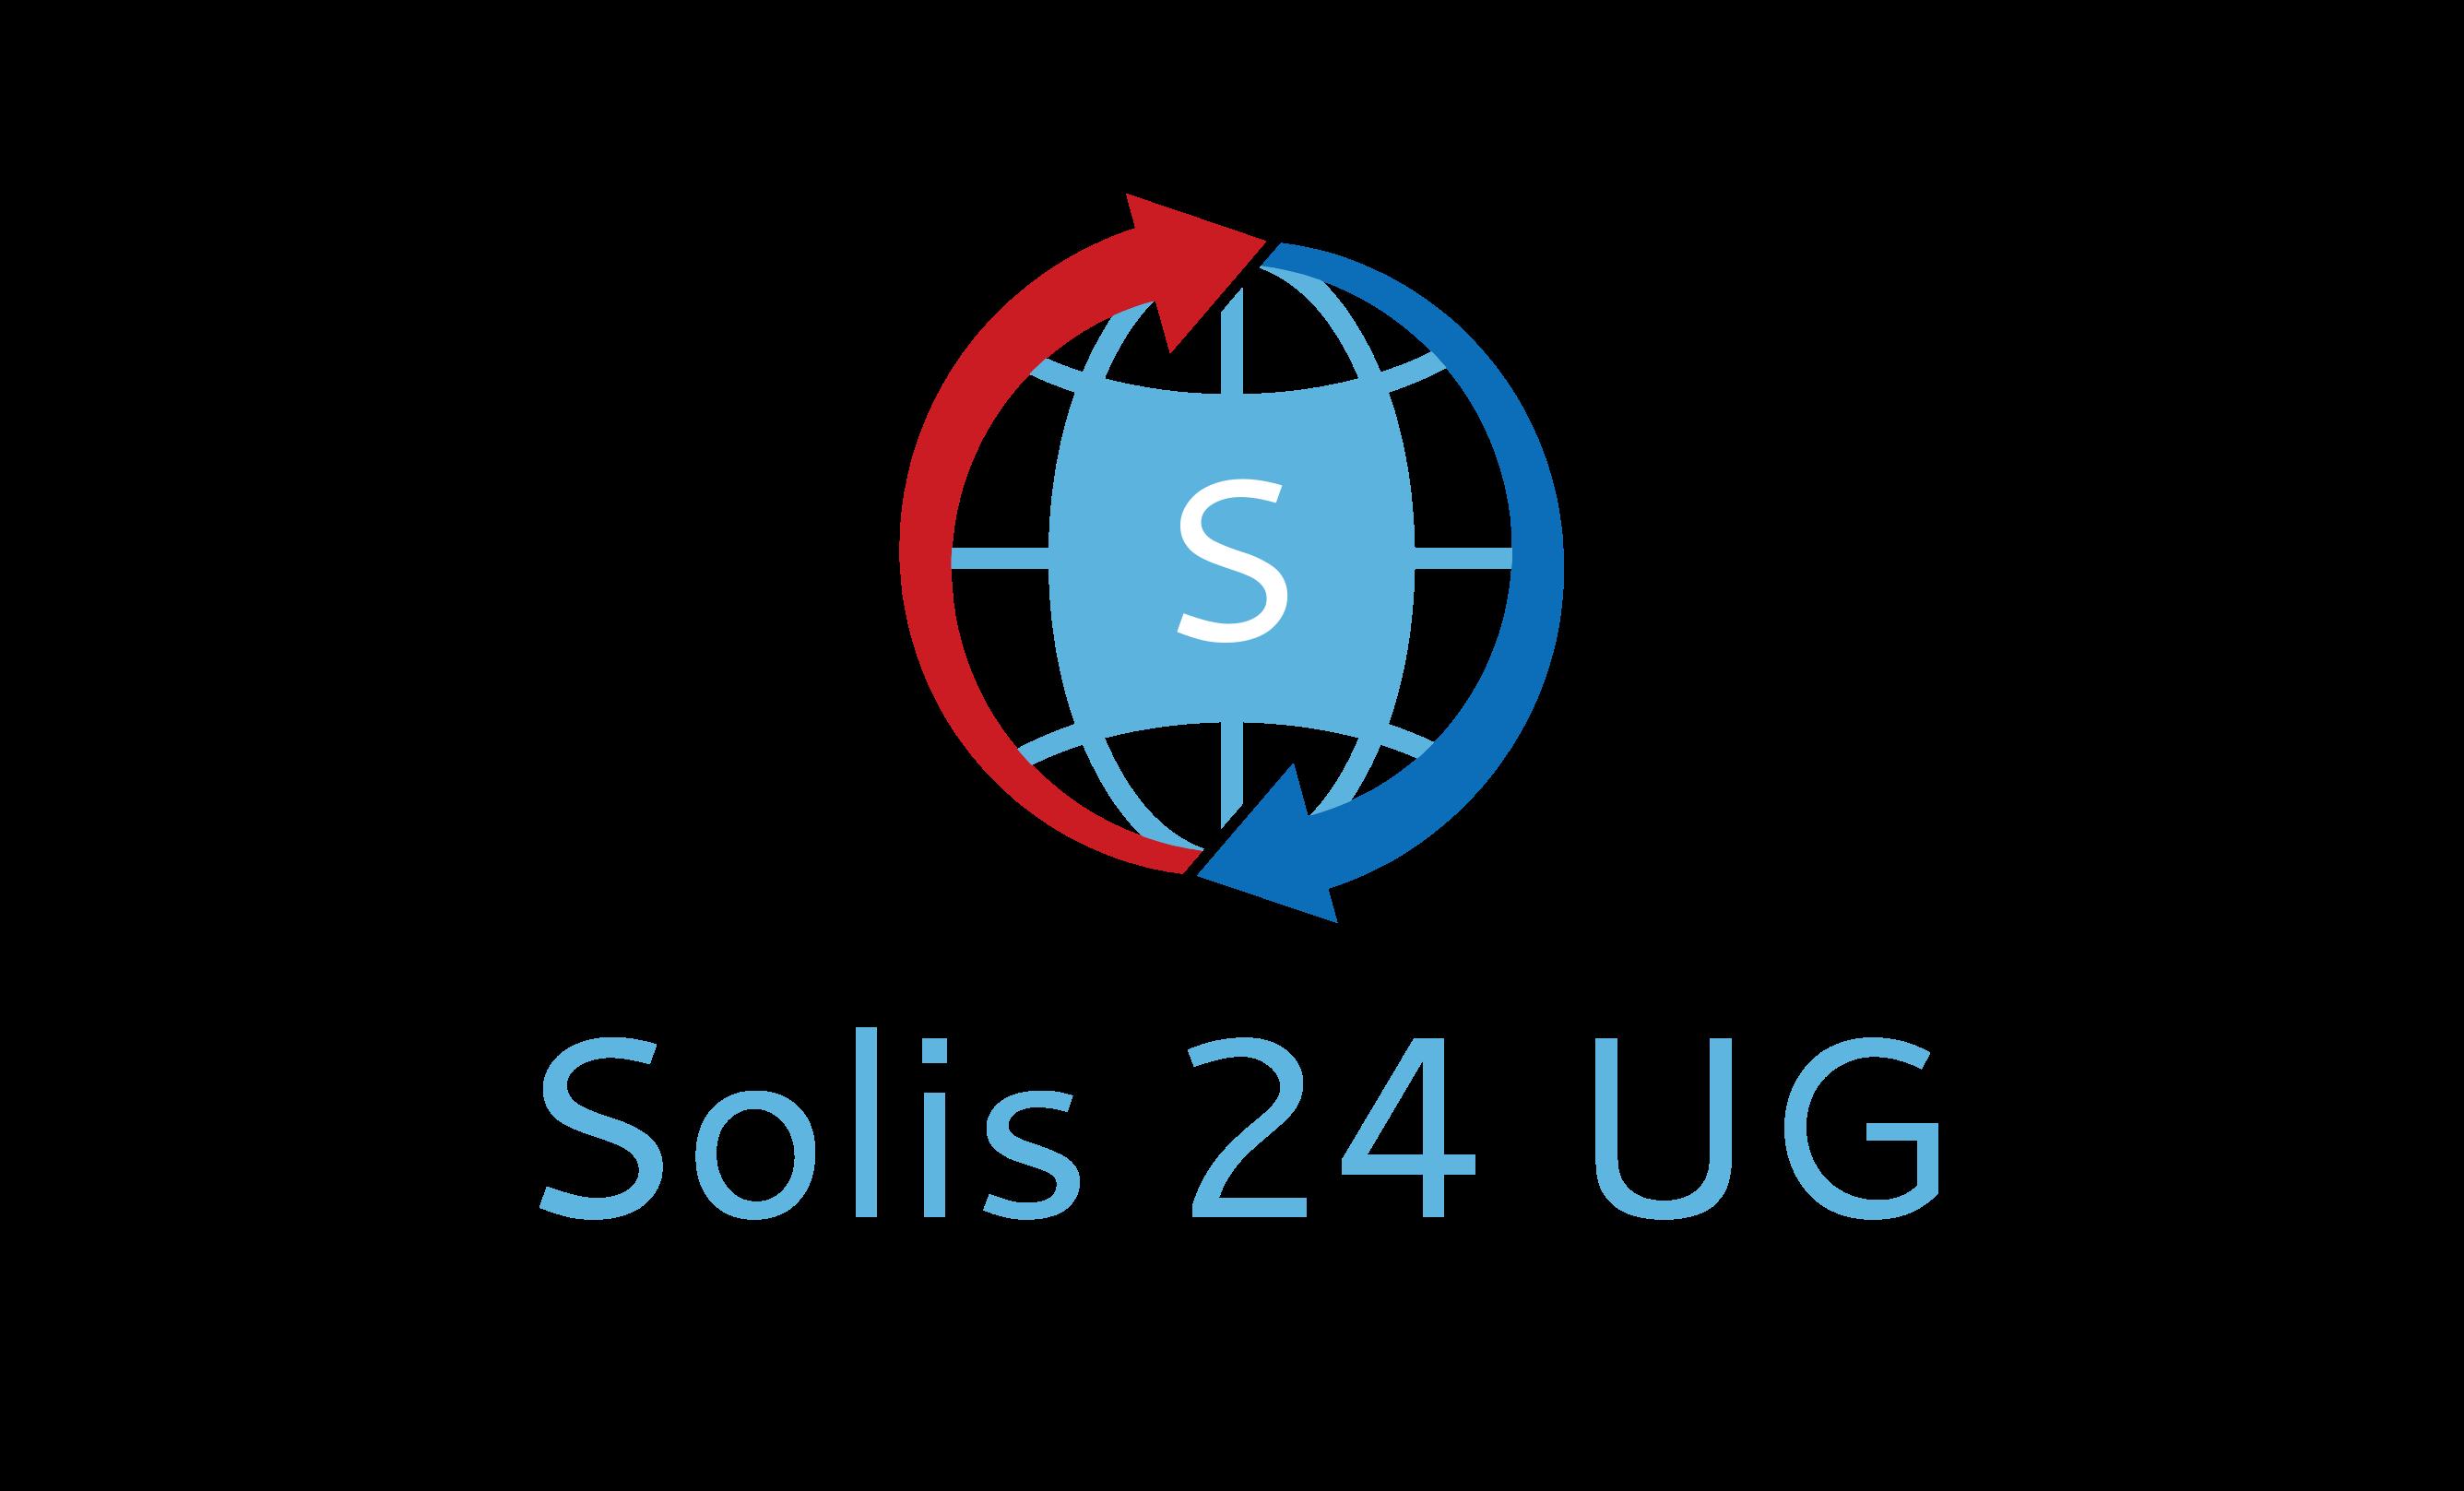 Solis 24 UG